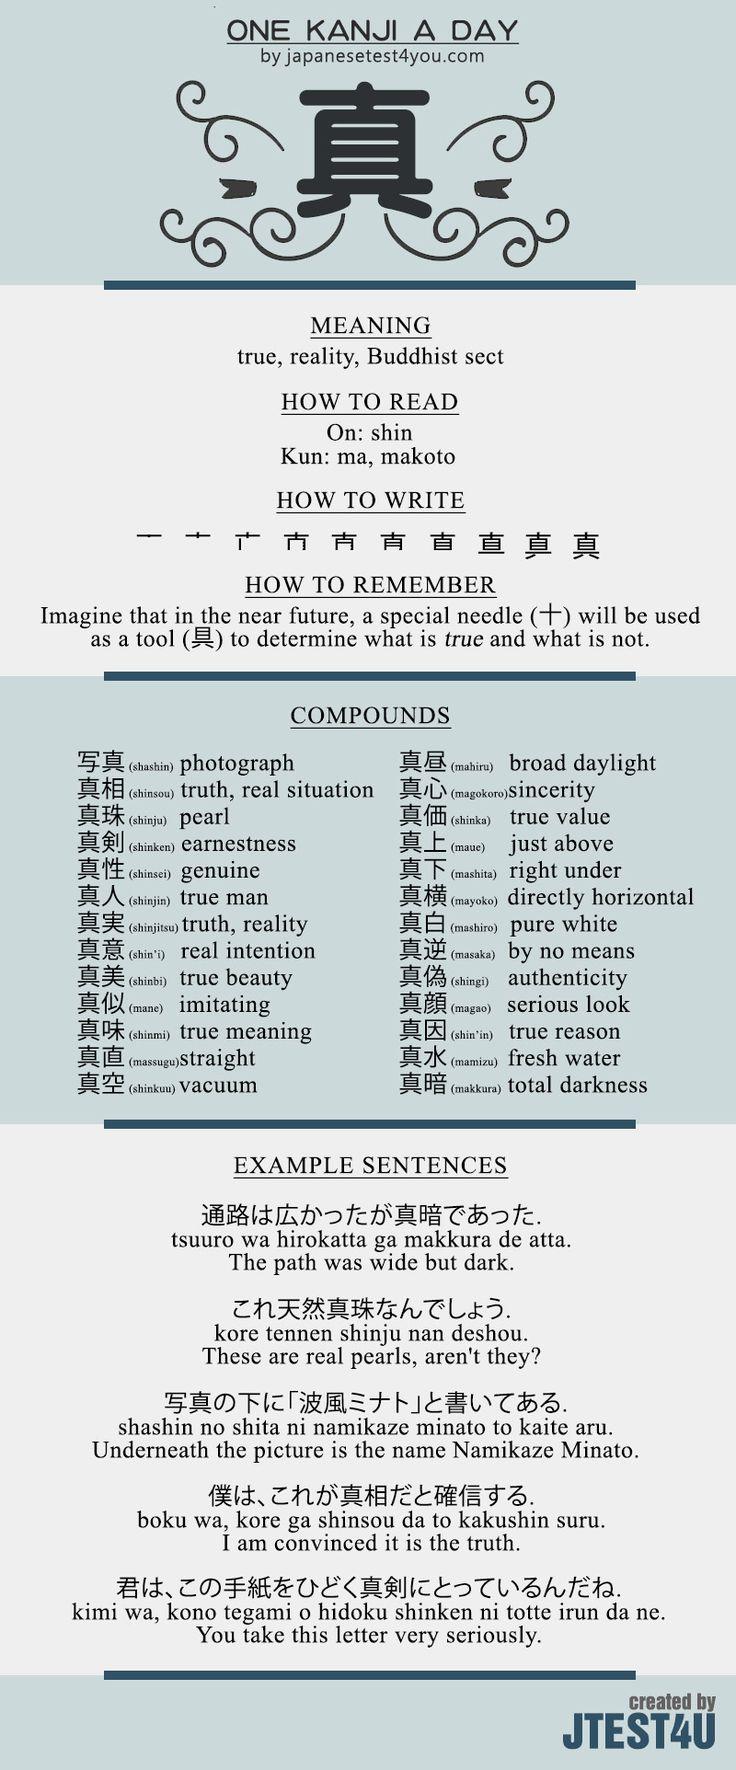 真 (shin). -- Japan, Japanese words, vocabulary, learning different languages, infographic, sentence examples, kanji